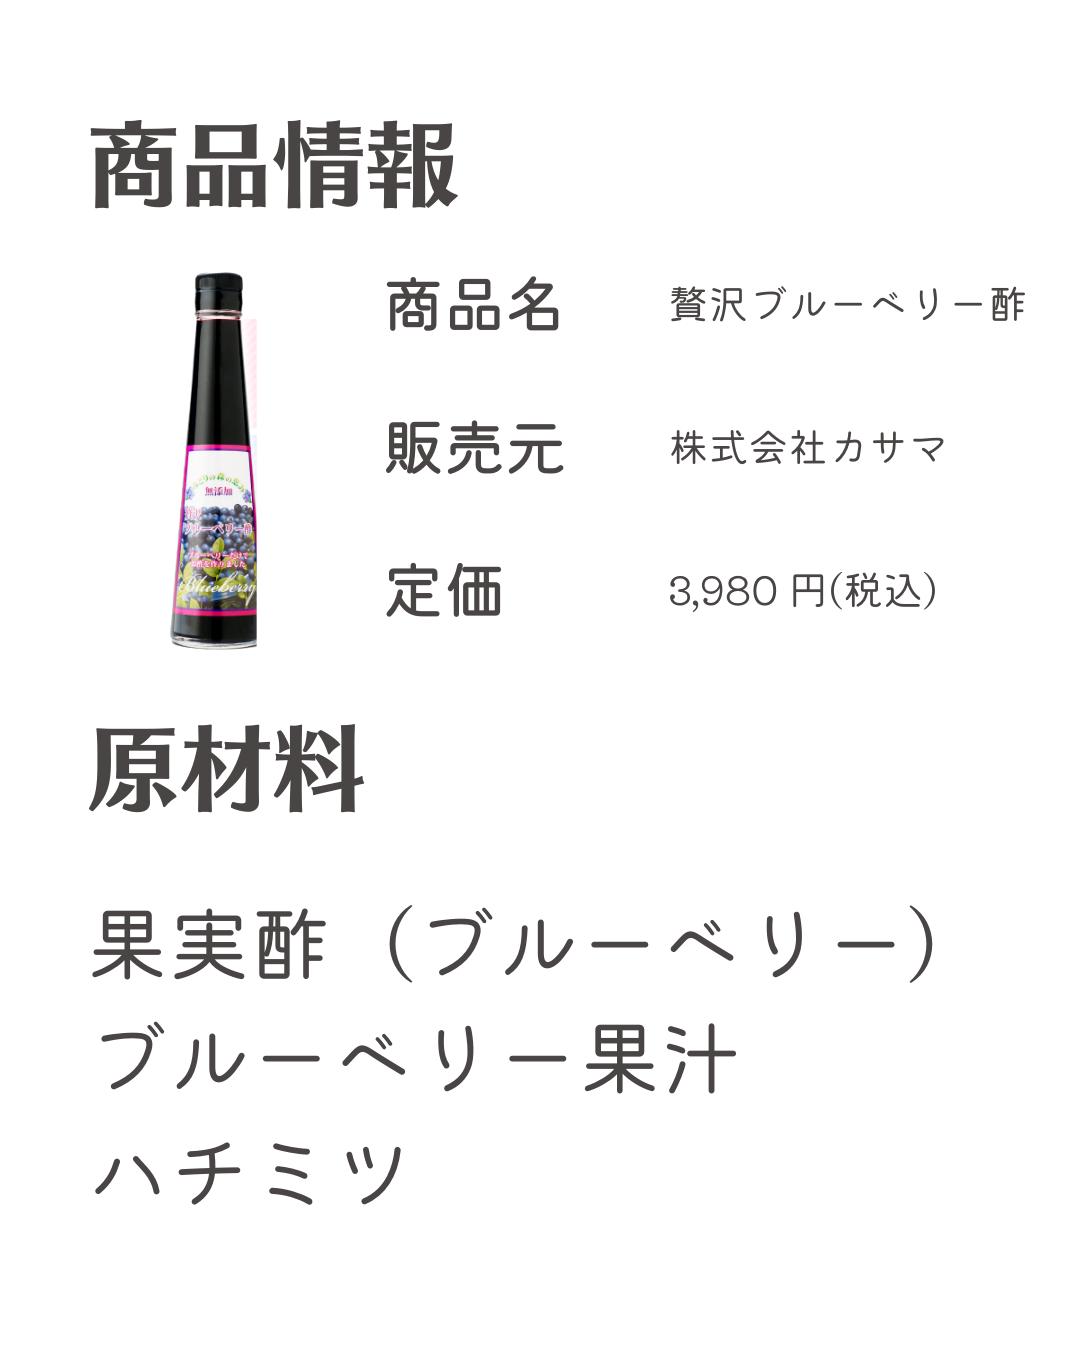 贅沢ブルーベリー酢の商品情報と原材料